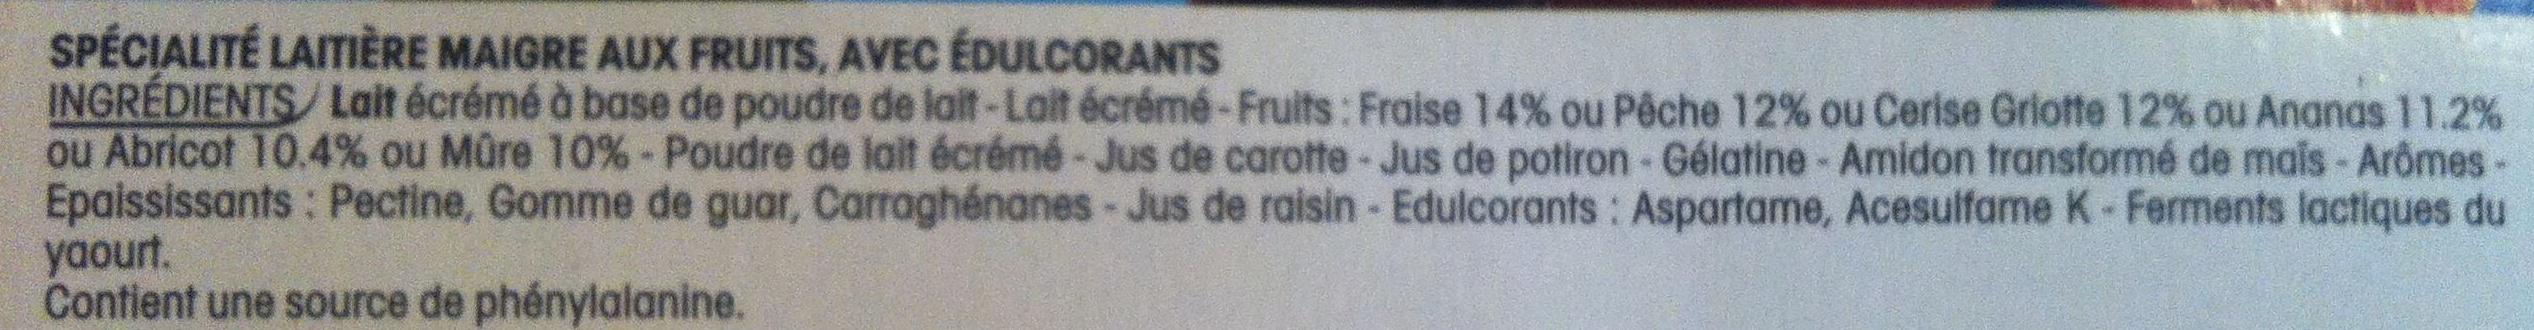 Panier de Yoplait  (0 % MG, 0 % Sucres ajoutés) - (Abricot, Ananas, Cerise, Fraise, Mûre, Pêche) 16 Pots - Ingredients - fr